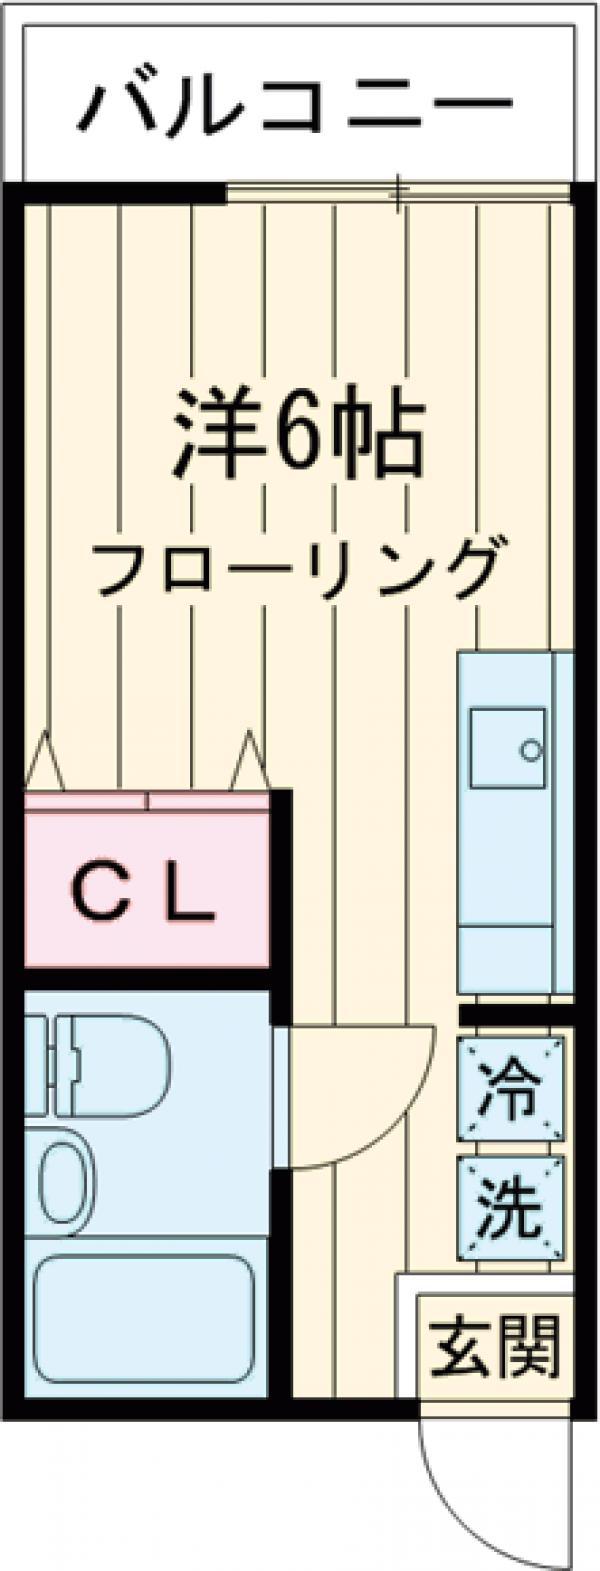 吉田ハイツ 103号室の間取り